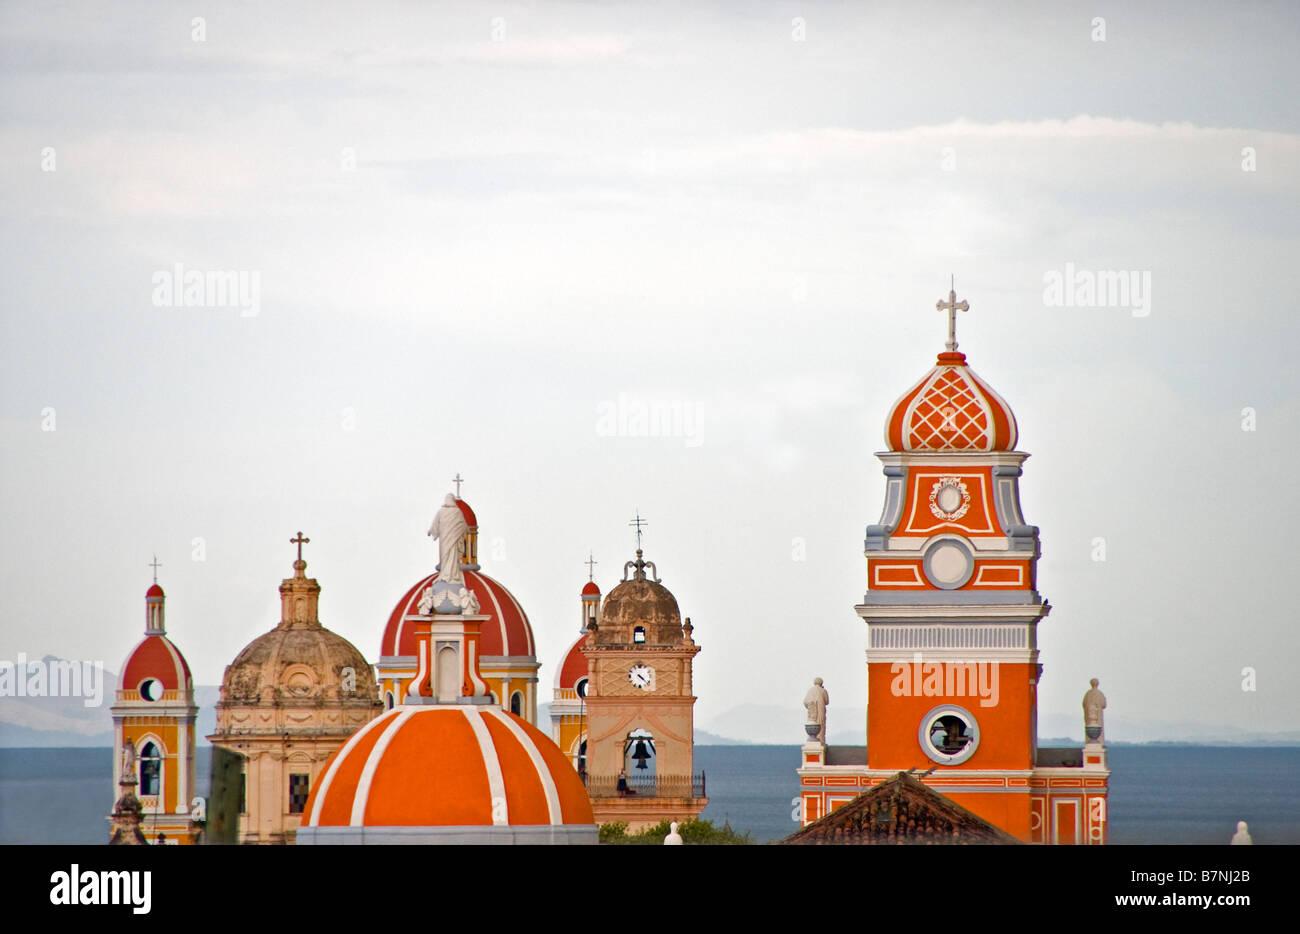 L'architecture coloniale, la Cathédrale de Grenade et d'églises clochers, surplombant le Lac Nicaragua Photo Stock